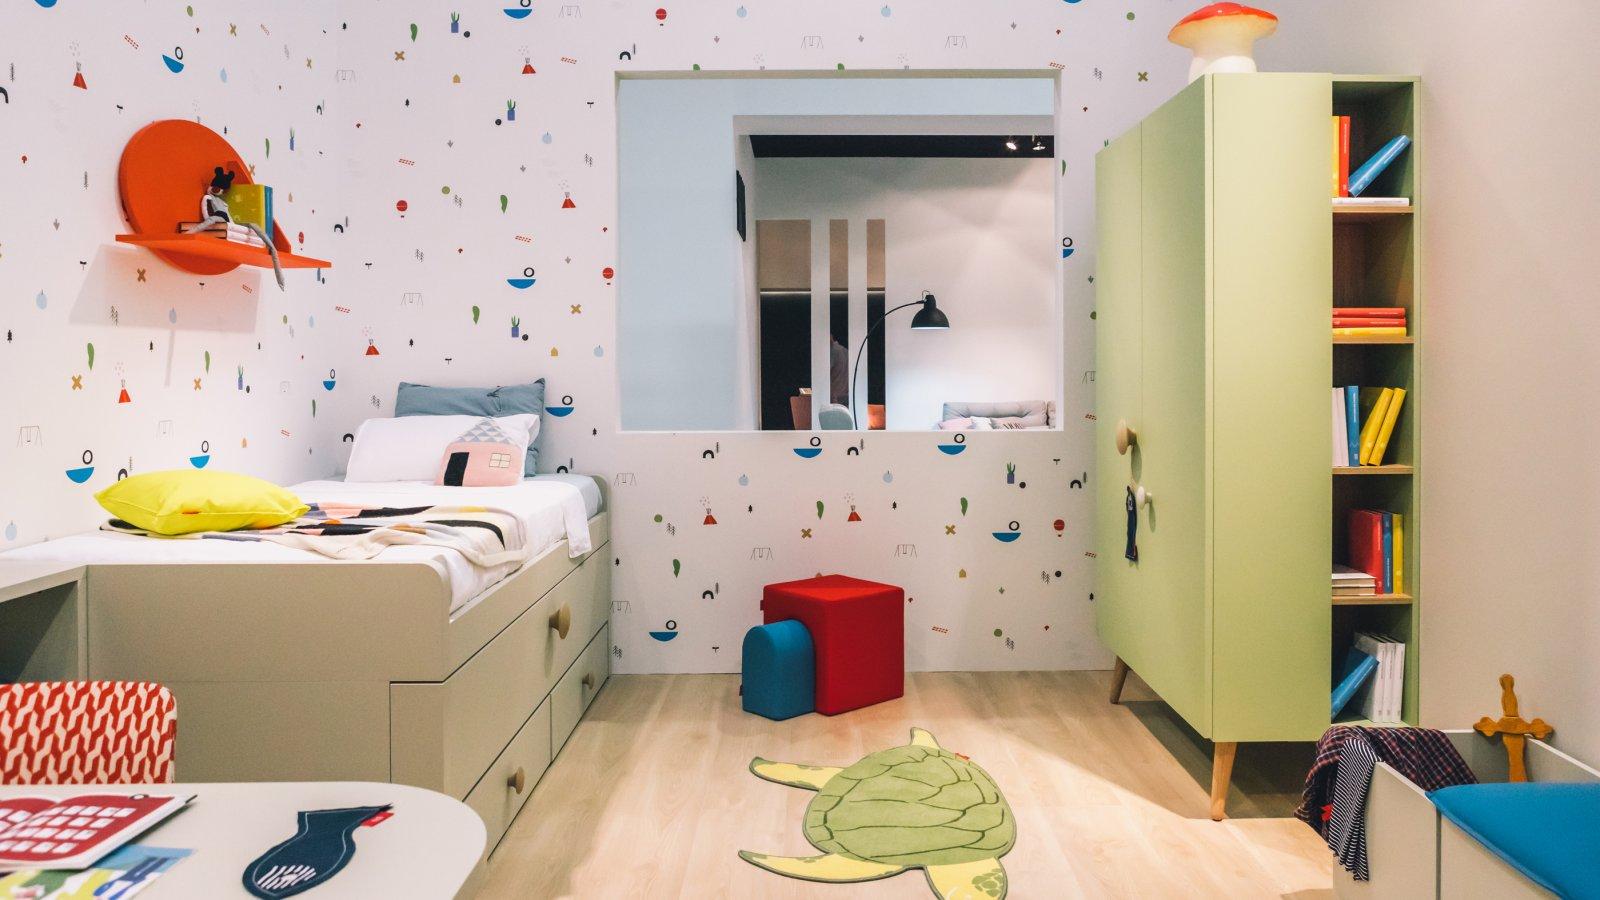 Les collections Kids et les espaces Teens à la foire Feria Hábitat Valencia 2018